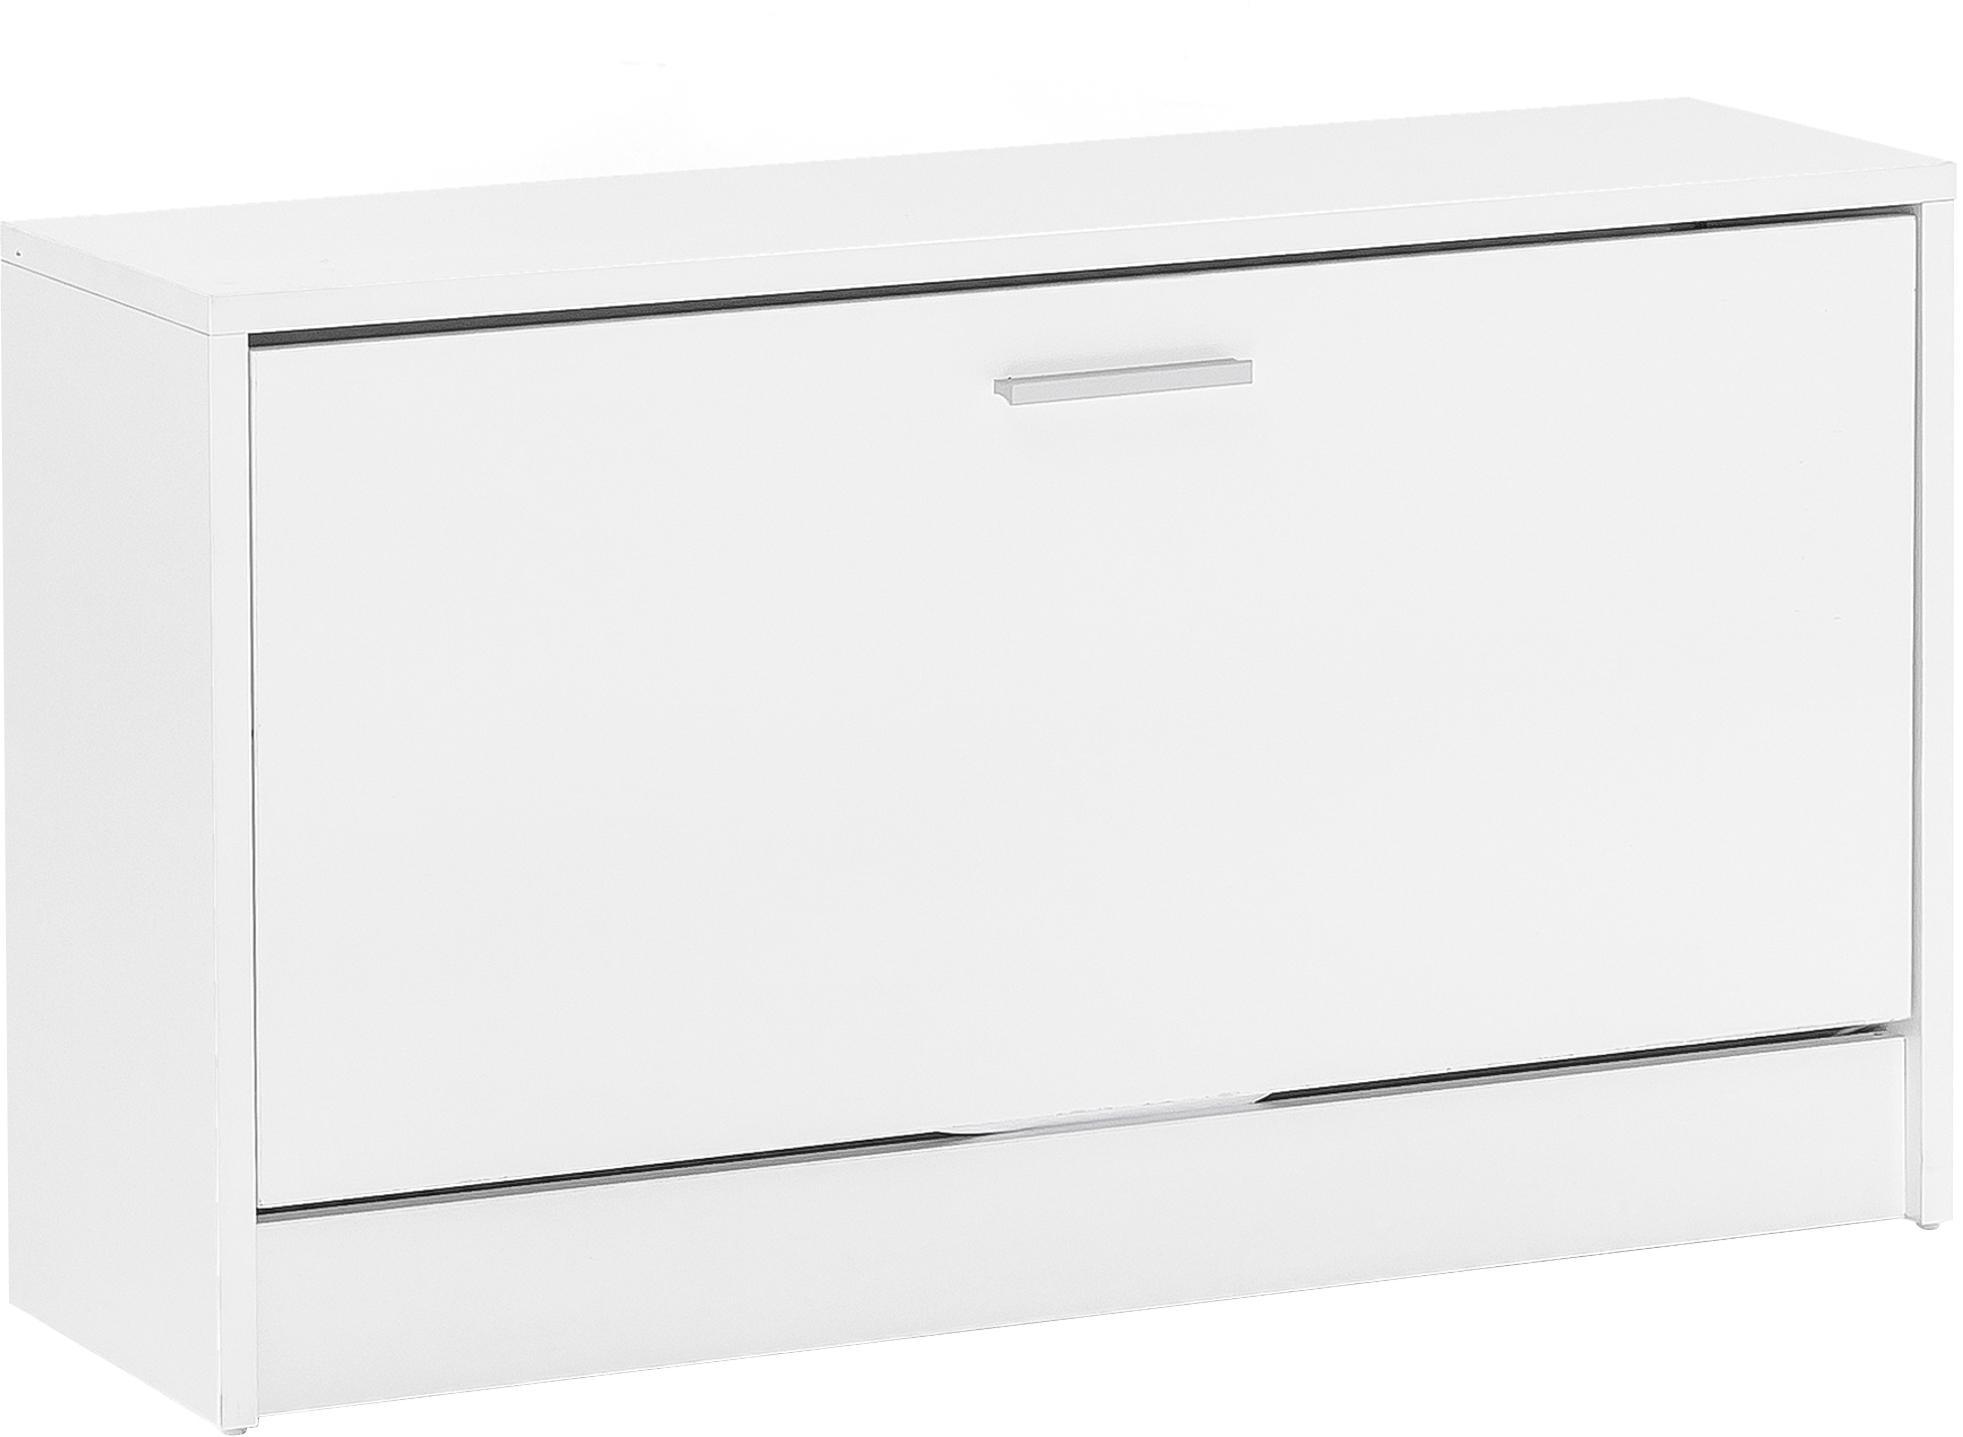 Szafka na buty Zoey, Płyta wiórowa powlekana melaminą, Biały, S 80 x W 47 cm